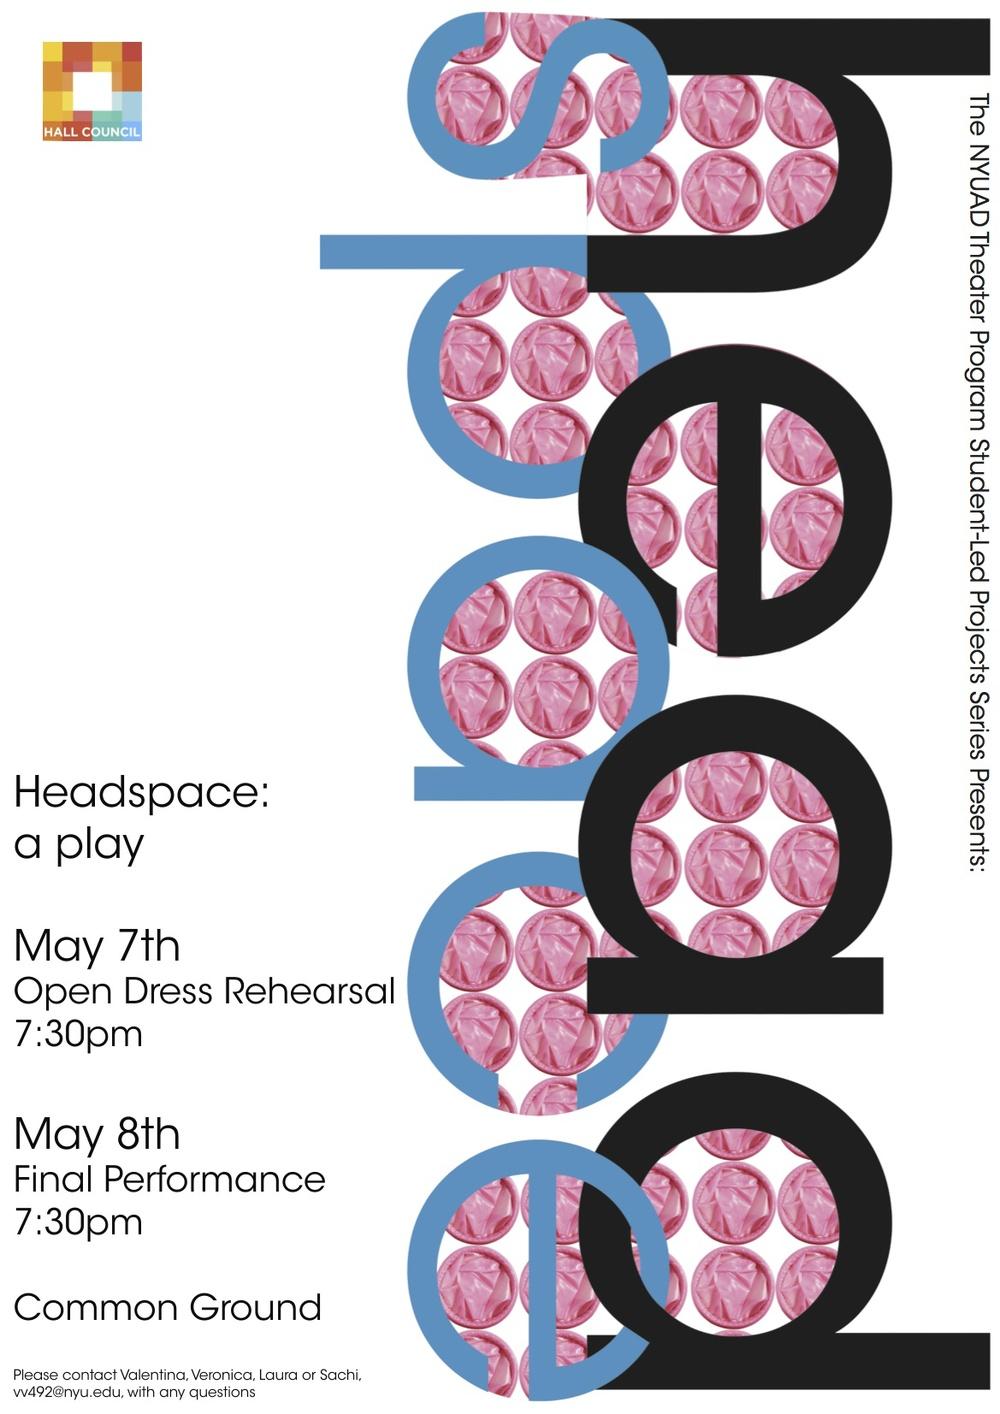 HeadspacePosters2.jpg